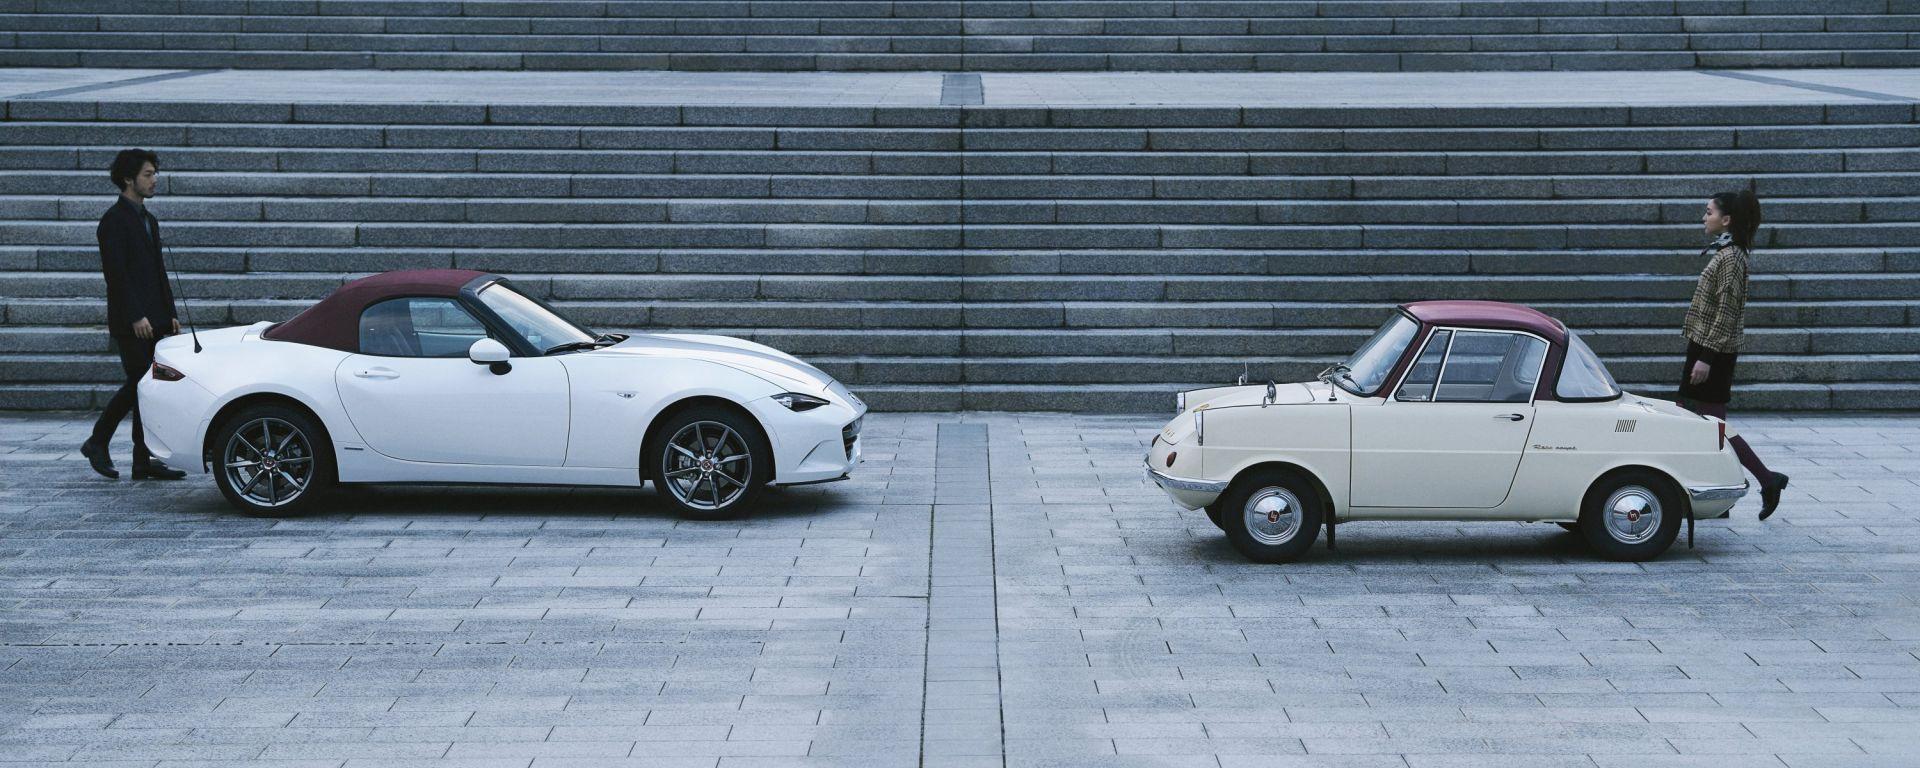 Mazda MX-5 100th Anniversary Edition: le due generazioni di Mazda